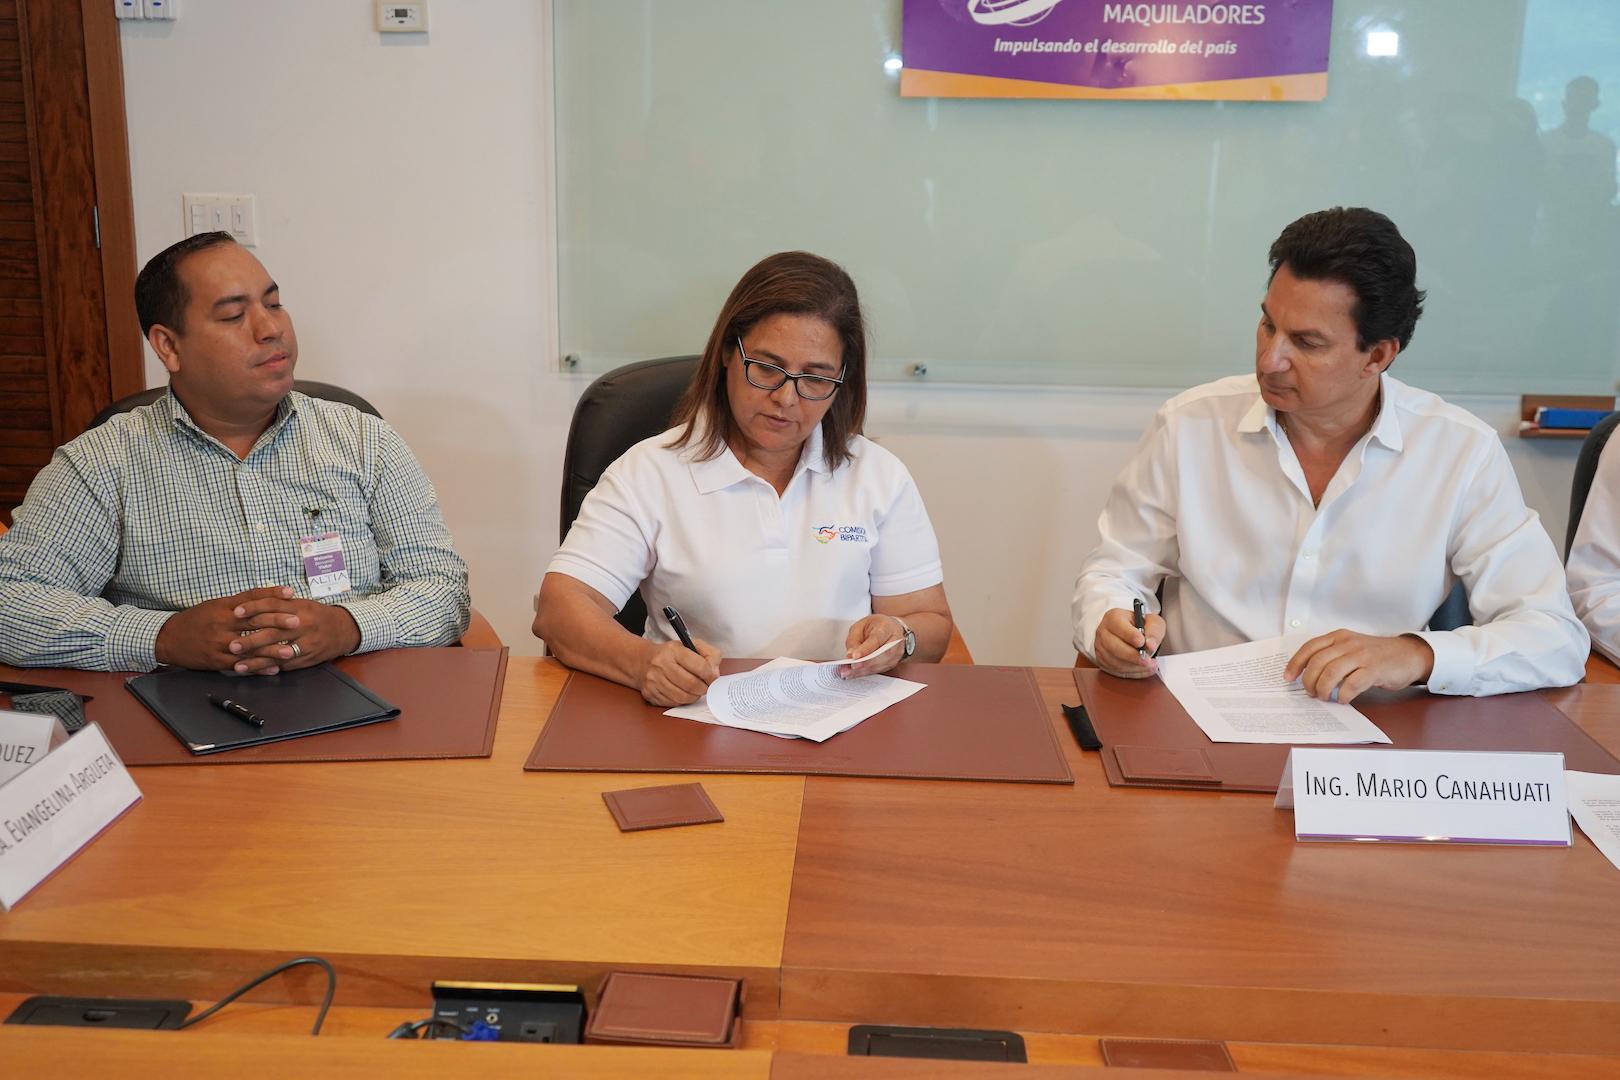 Alianza por la primera infancia en beneficio de los hijos de los trabajadores de la maquila